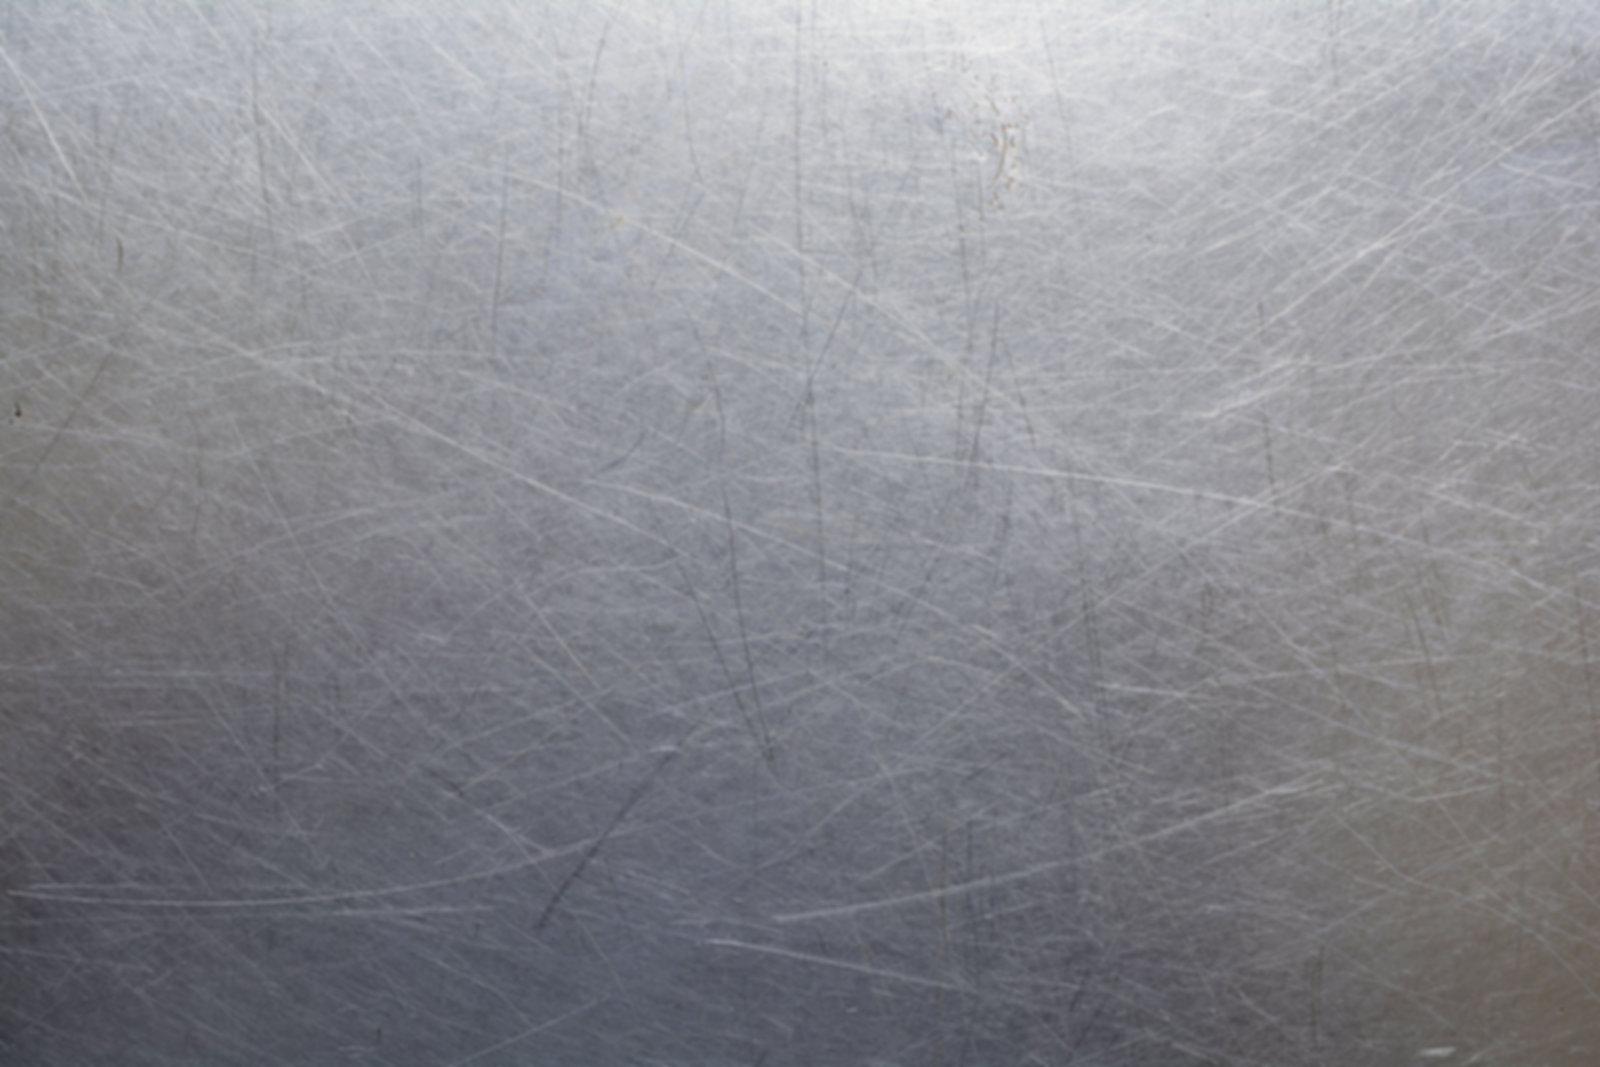 Grey-Steel-Metal-background-texture-9128